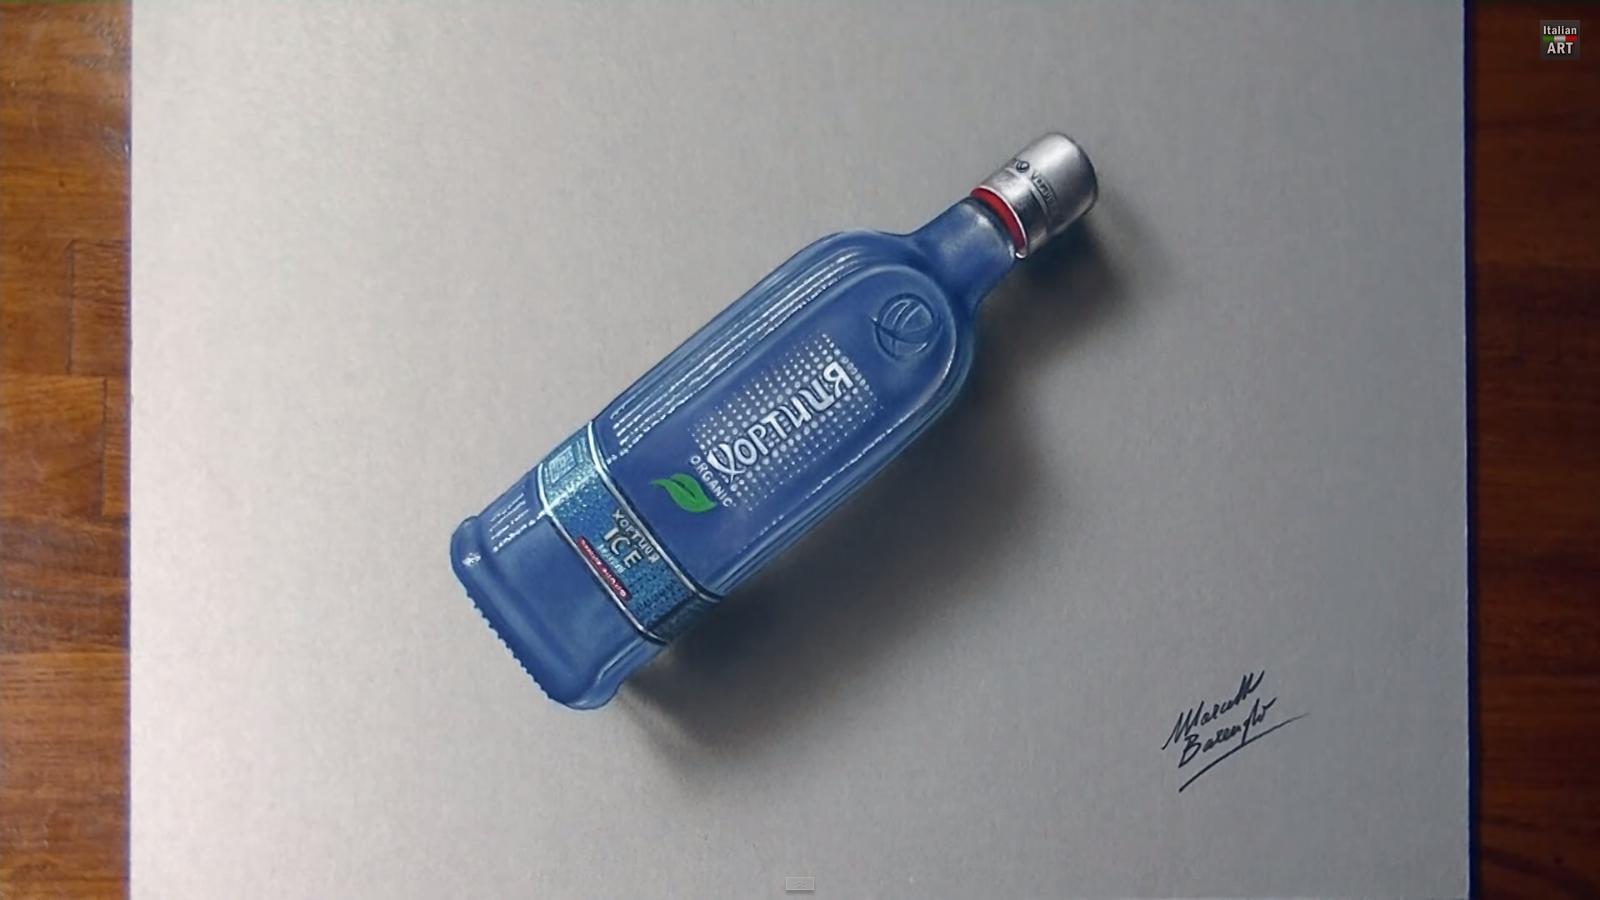 Фото: Водочный фотореализм — «Хортиця ICE» как объект современного искусства.